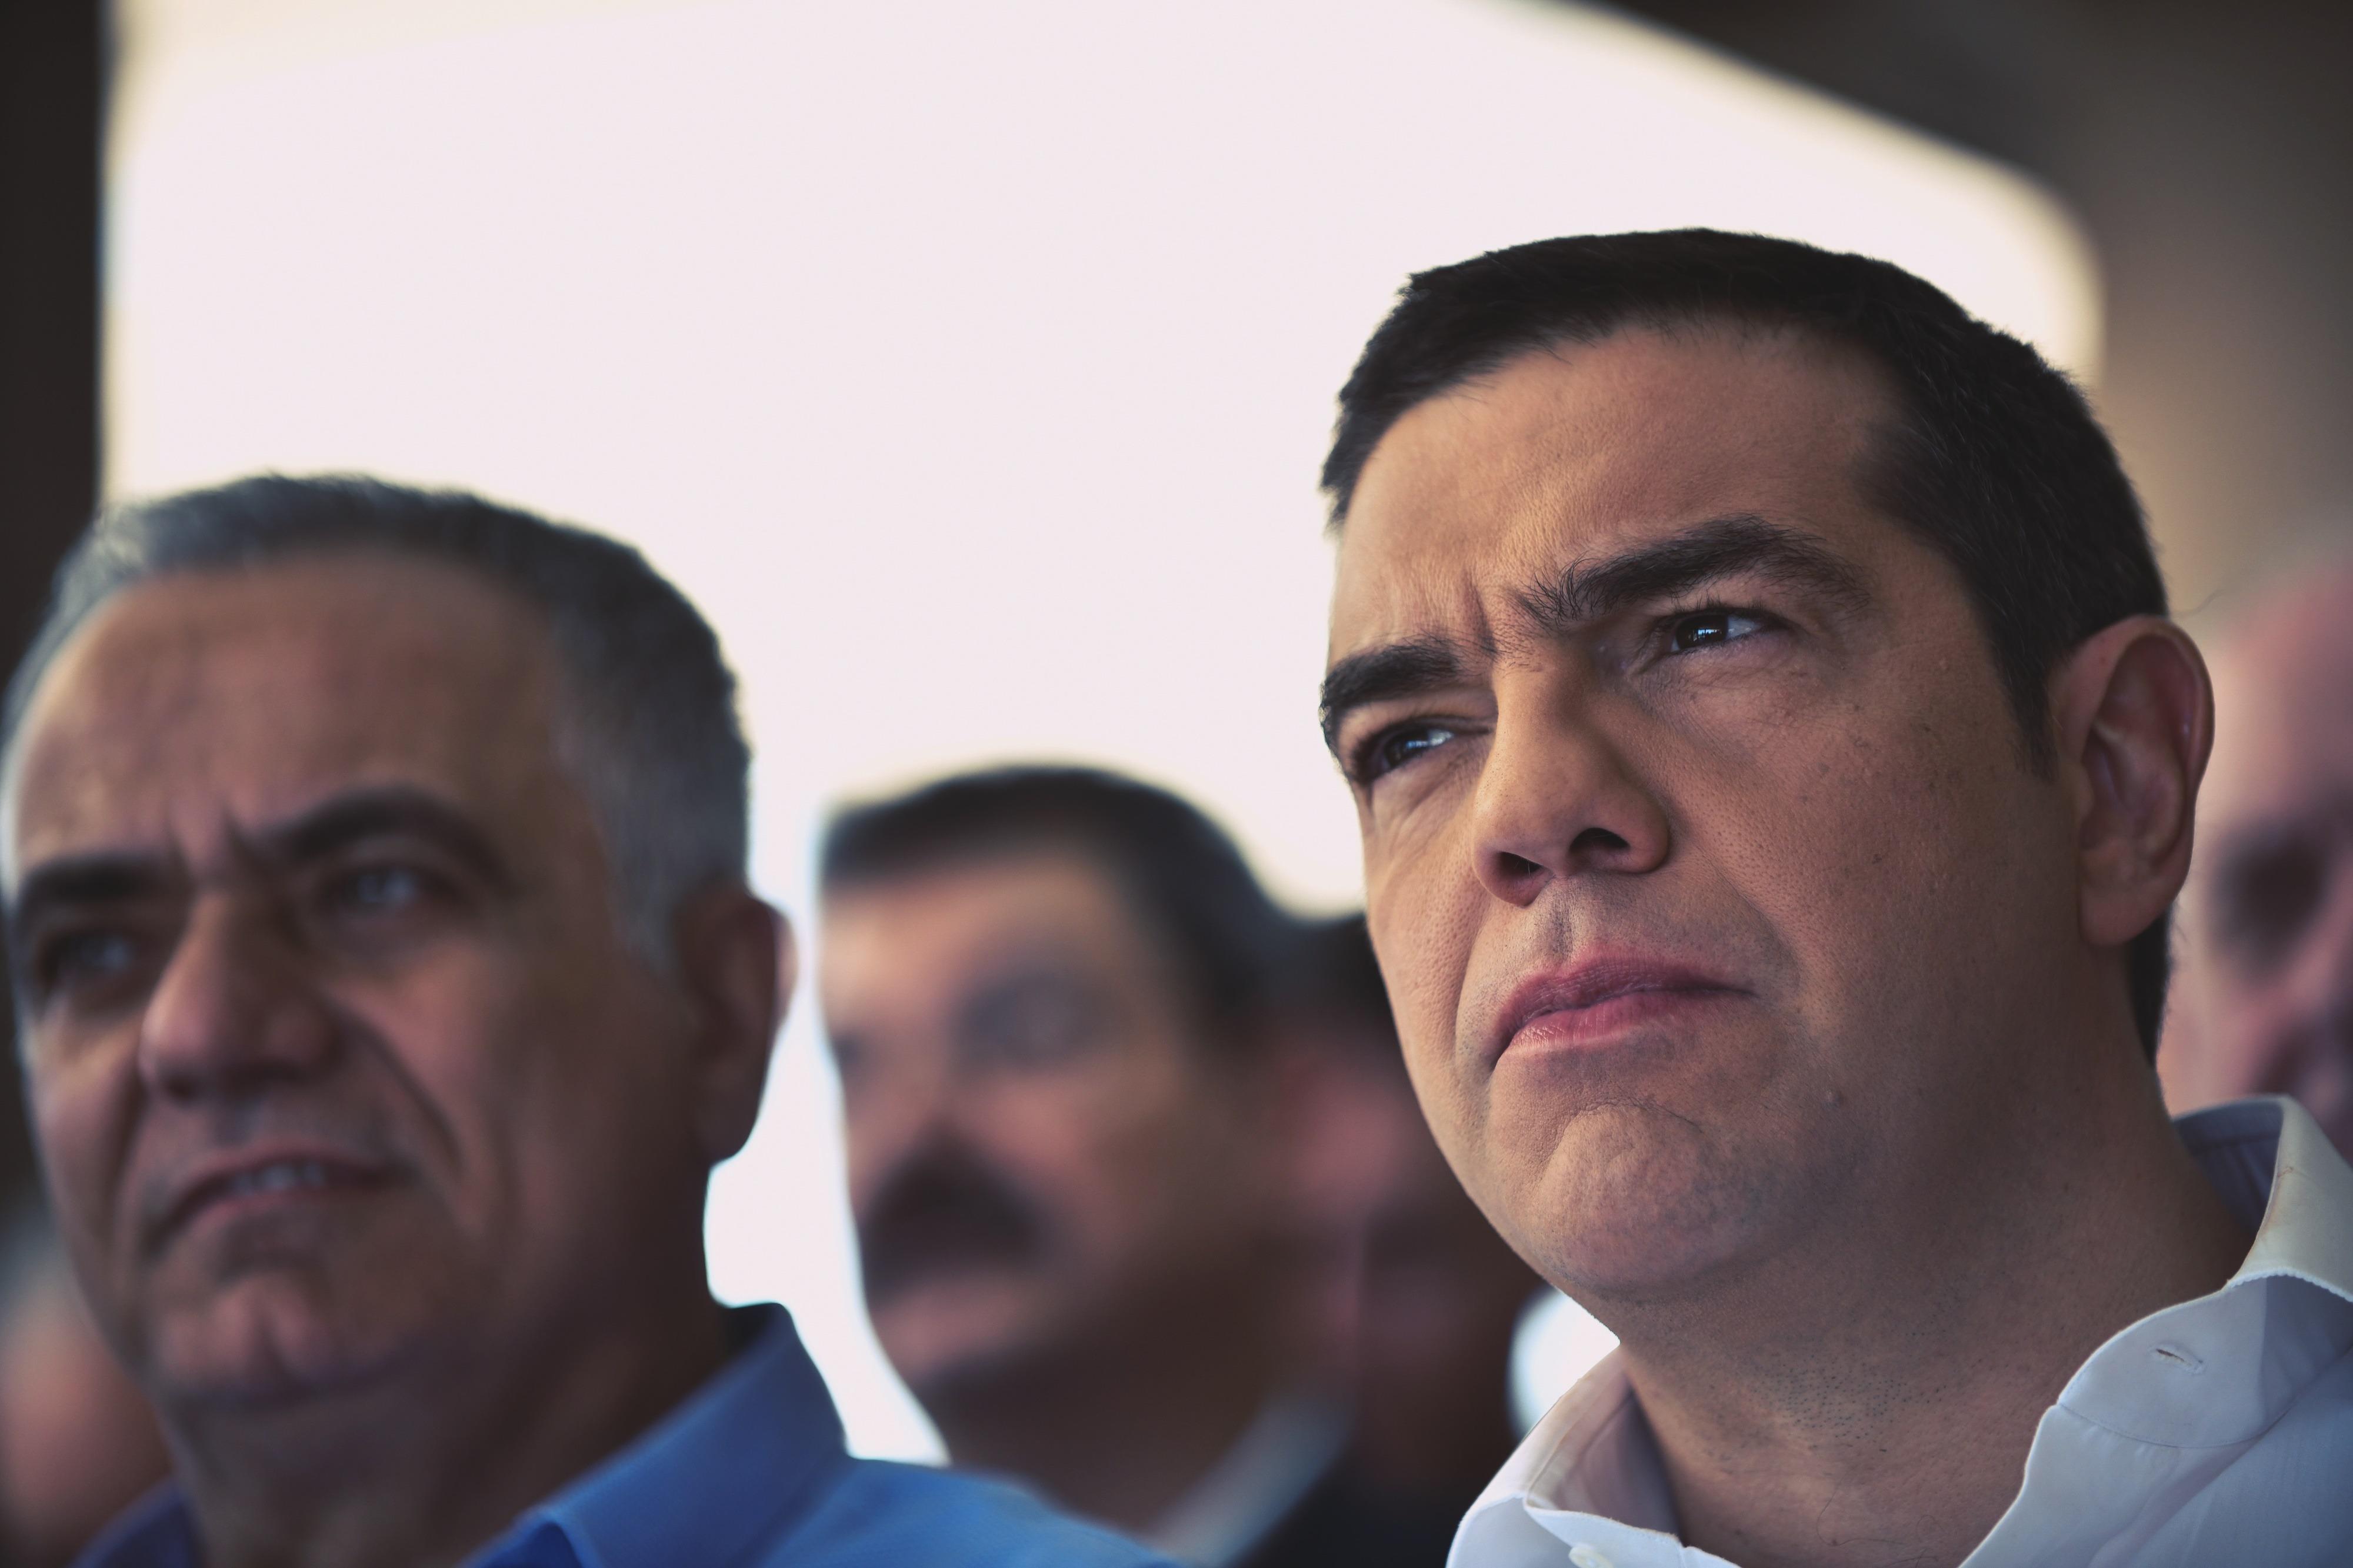 Εκλογές 2019: Τα ψέματα του Αλέξη Τσίπρα μέσα σε λίγα λεπτά (vid)